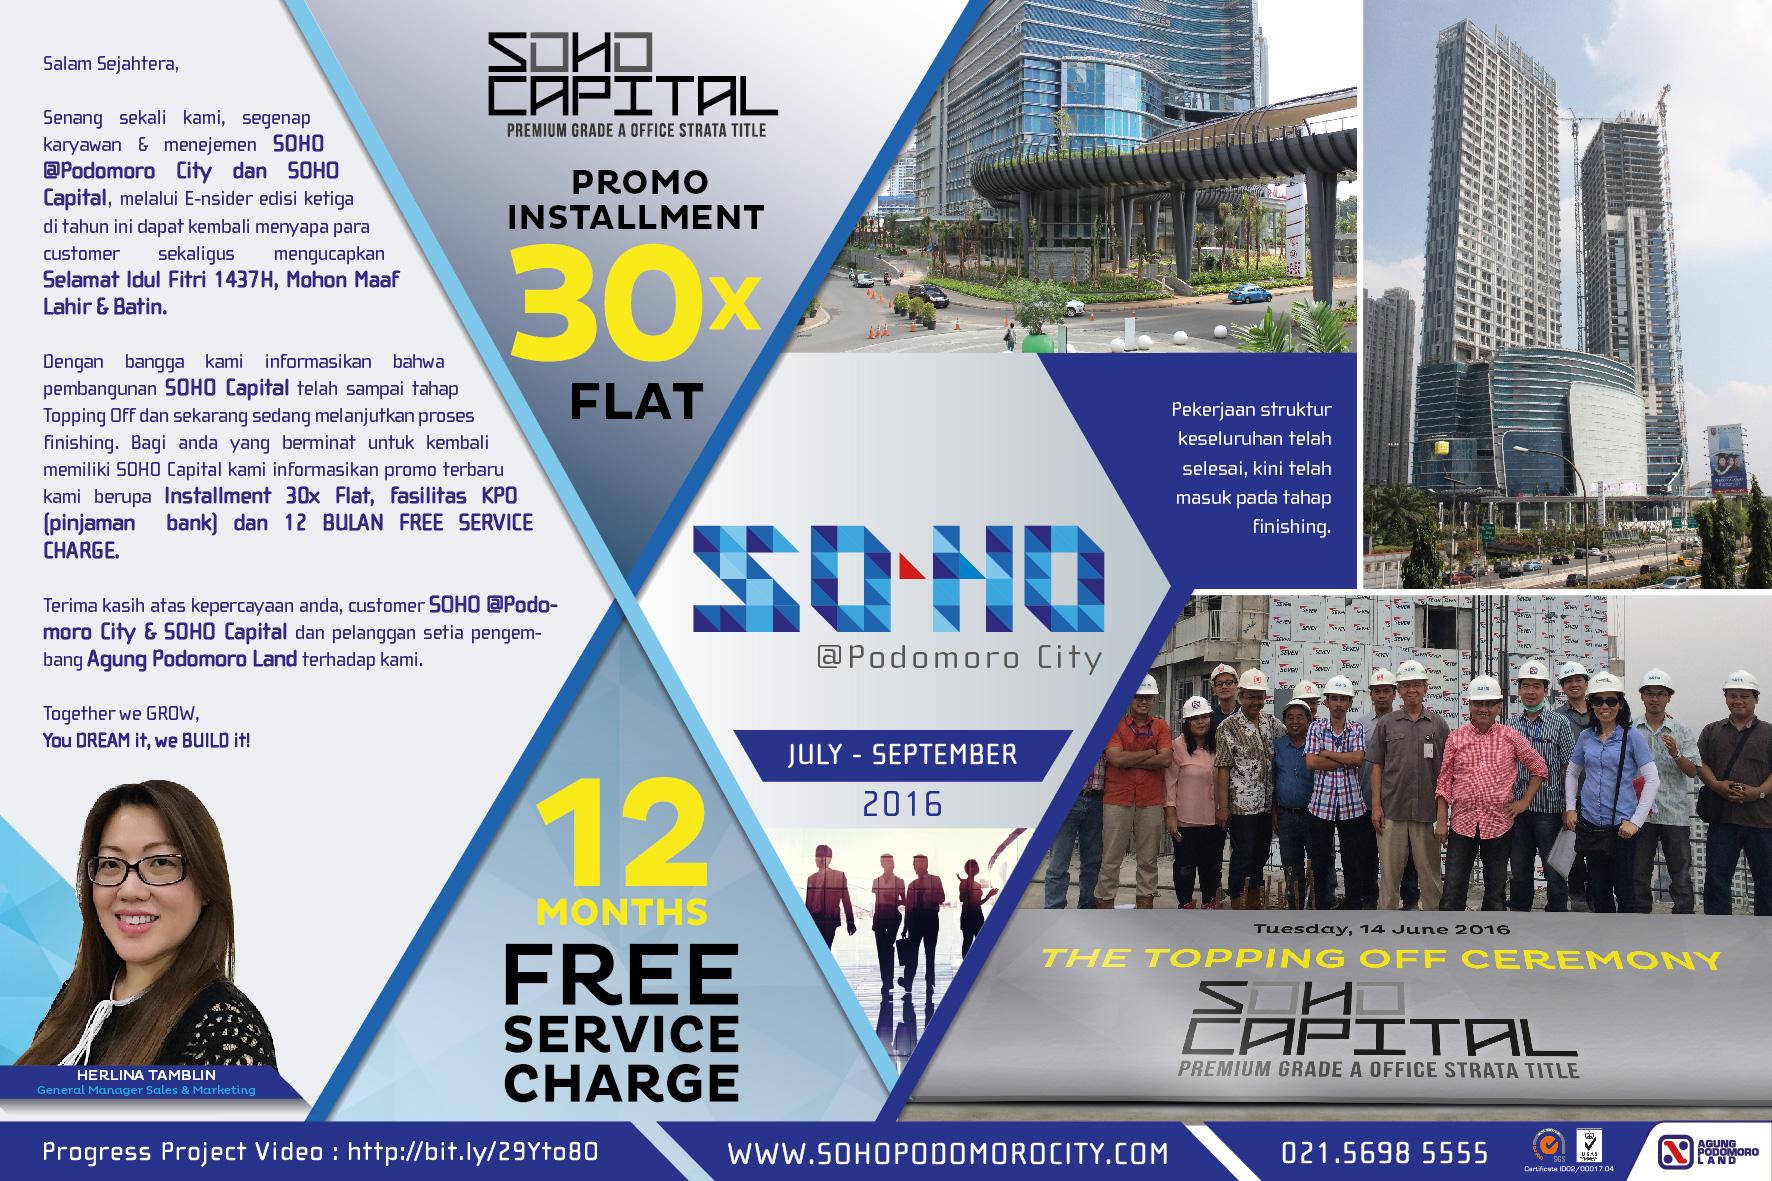 SOHO Poci e-newsletter (July - September) 2016